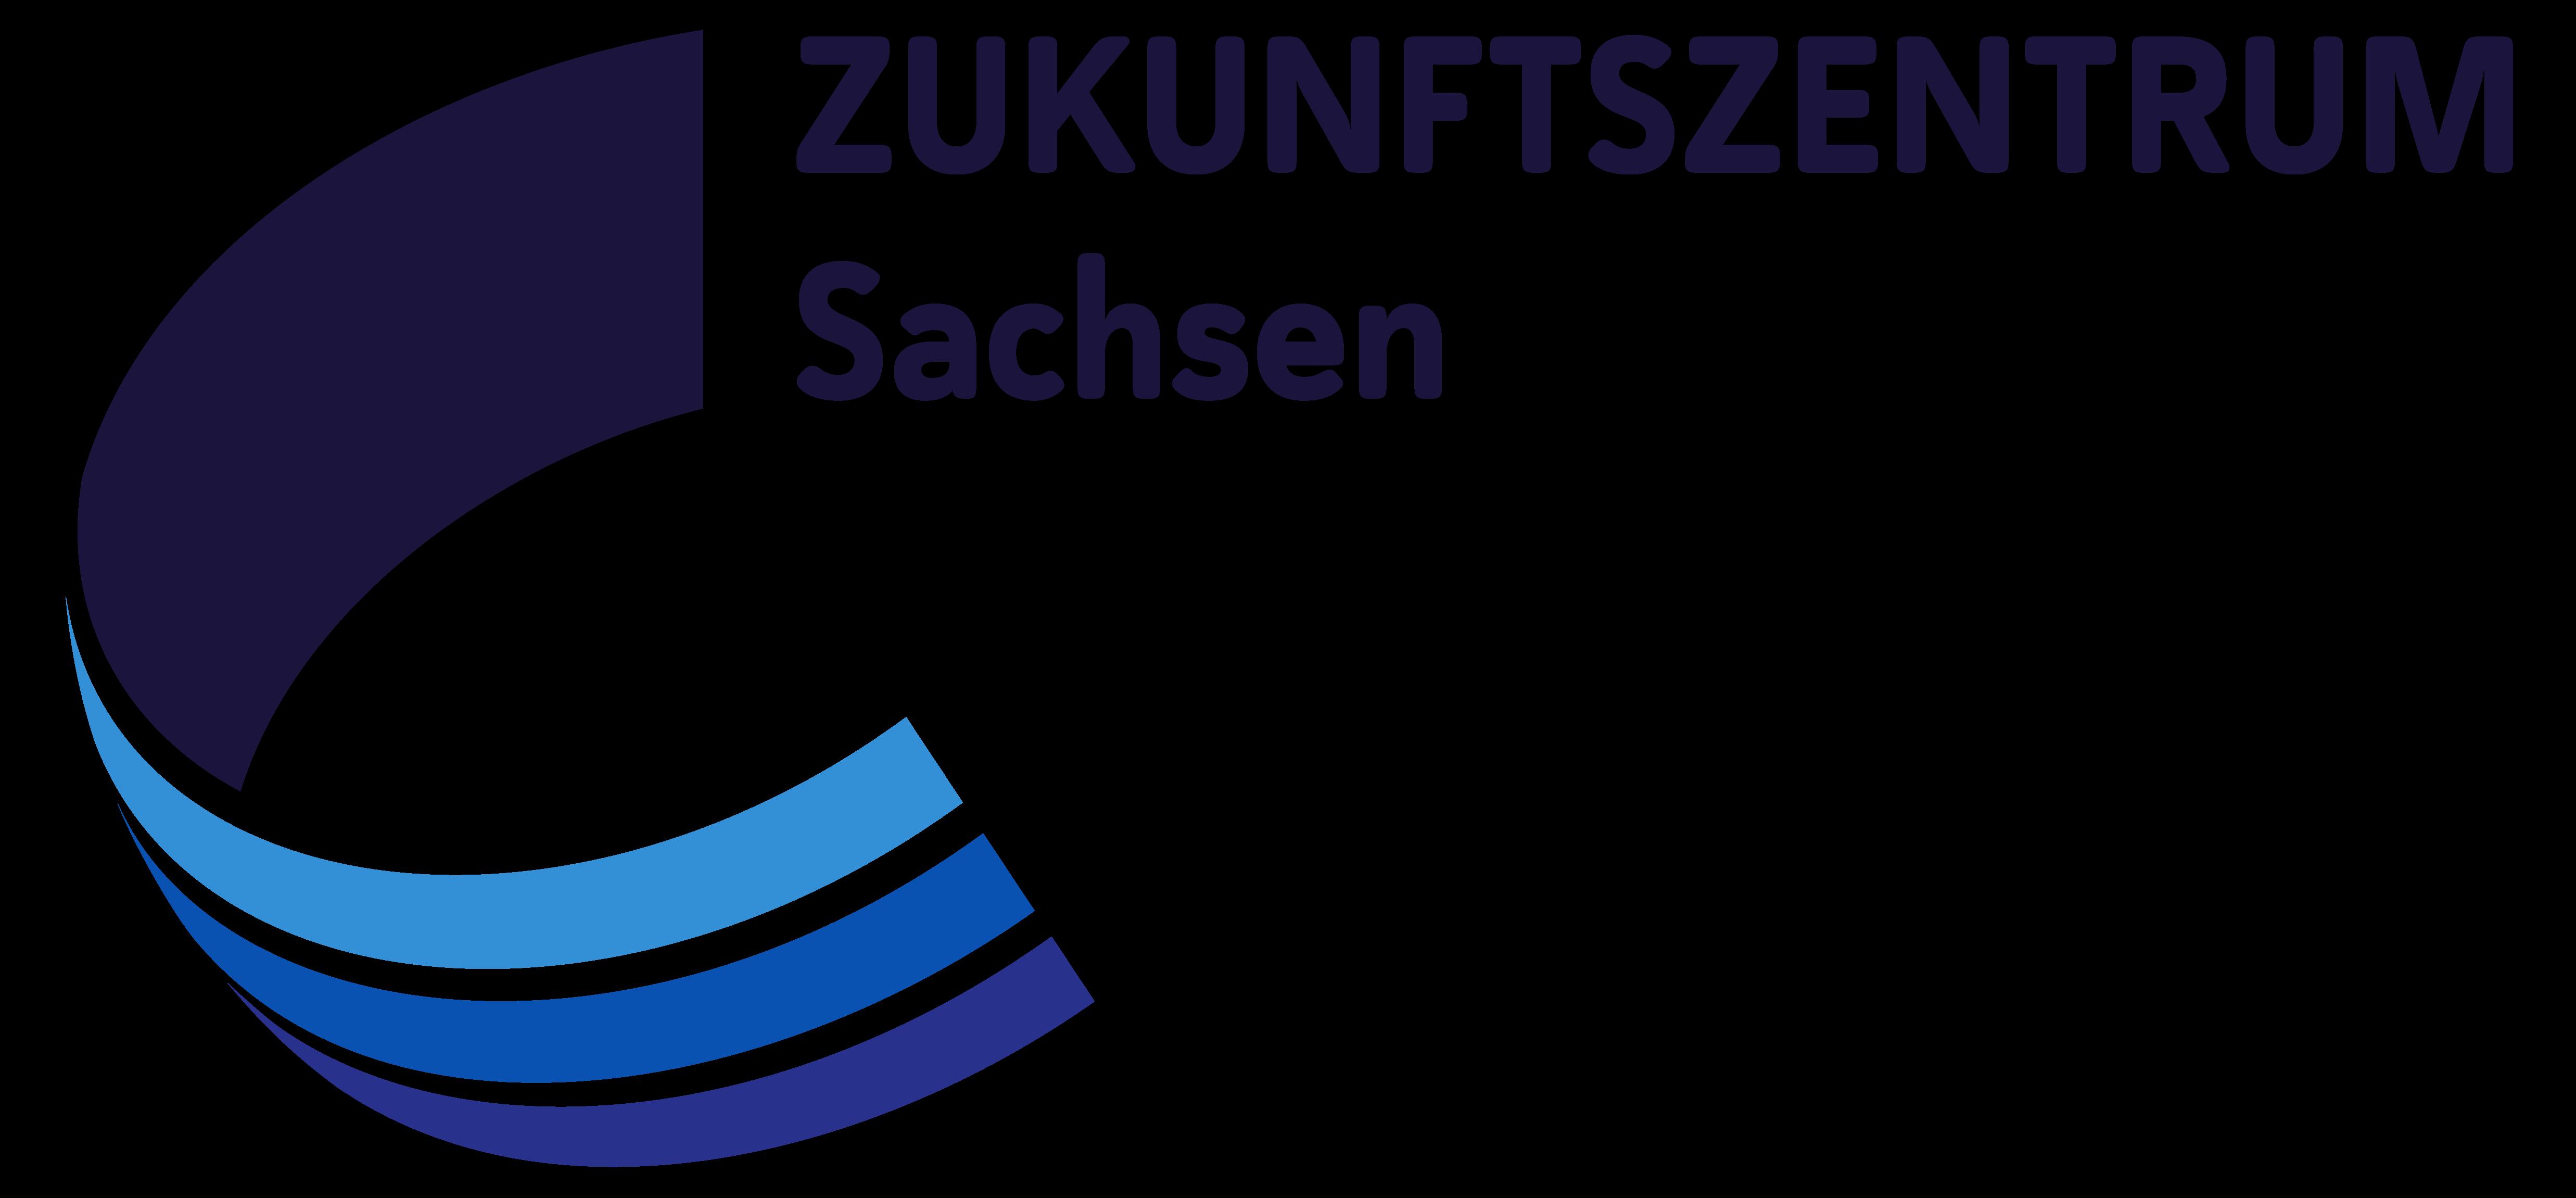 Zukunftszentrum Sachsen